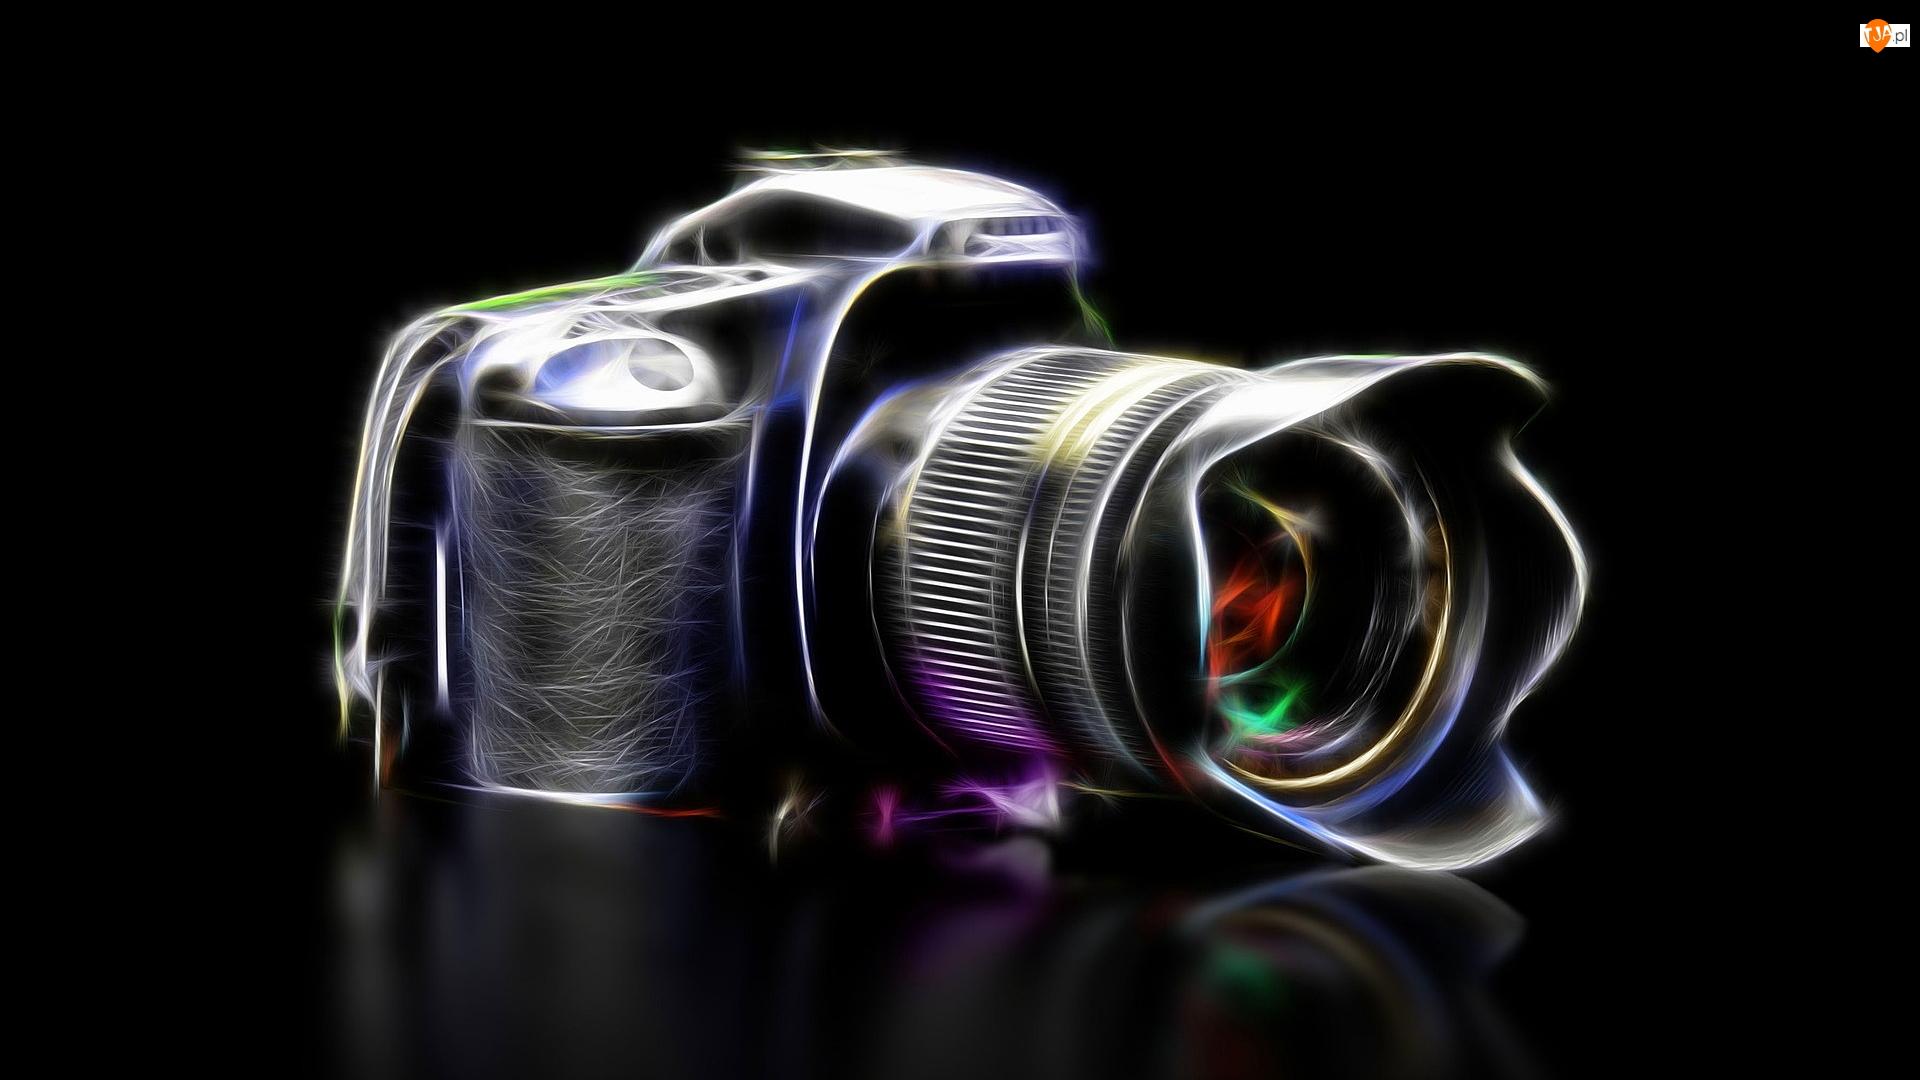 Tło, Aparat fotograficzny, Fractalius, Czarne